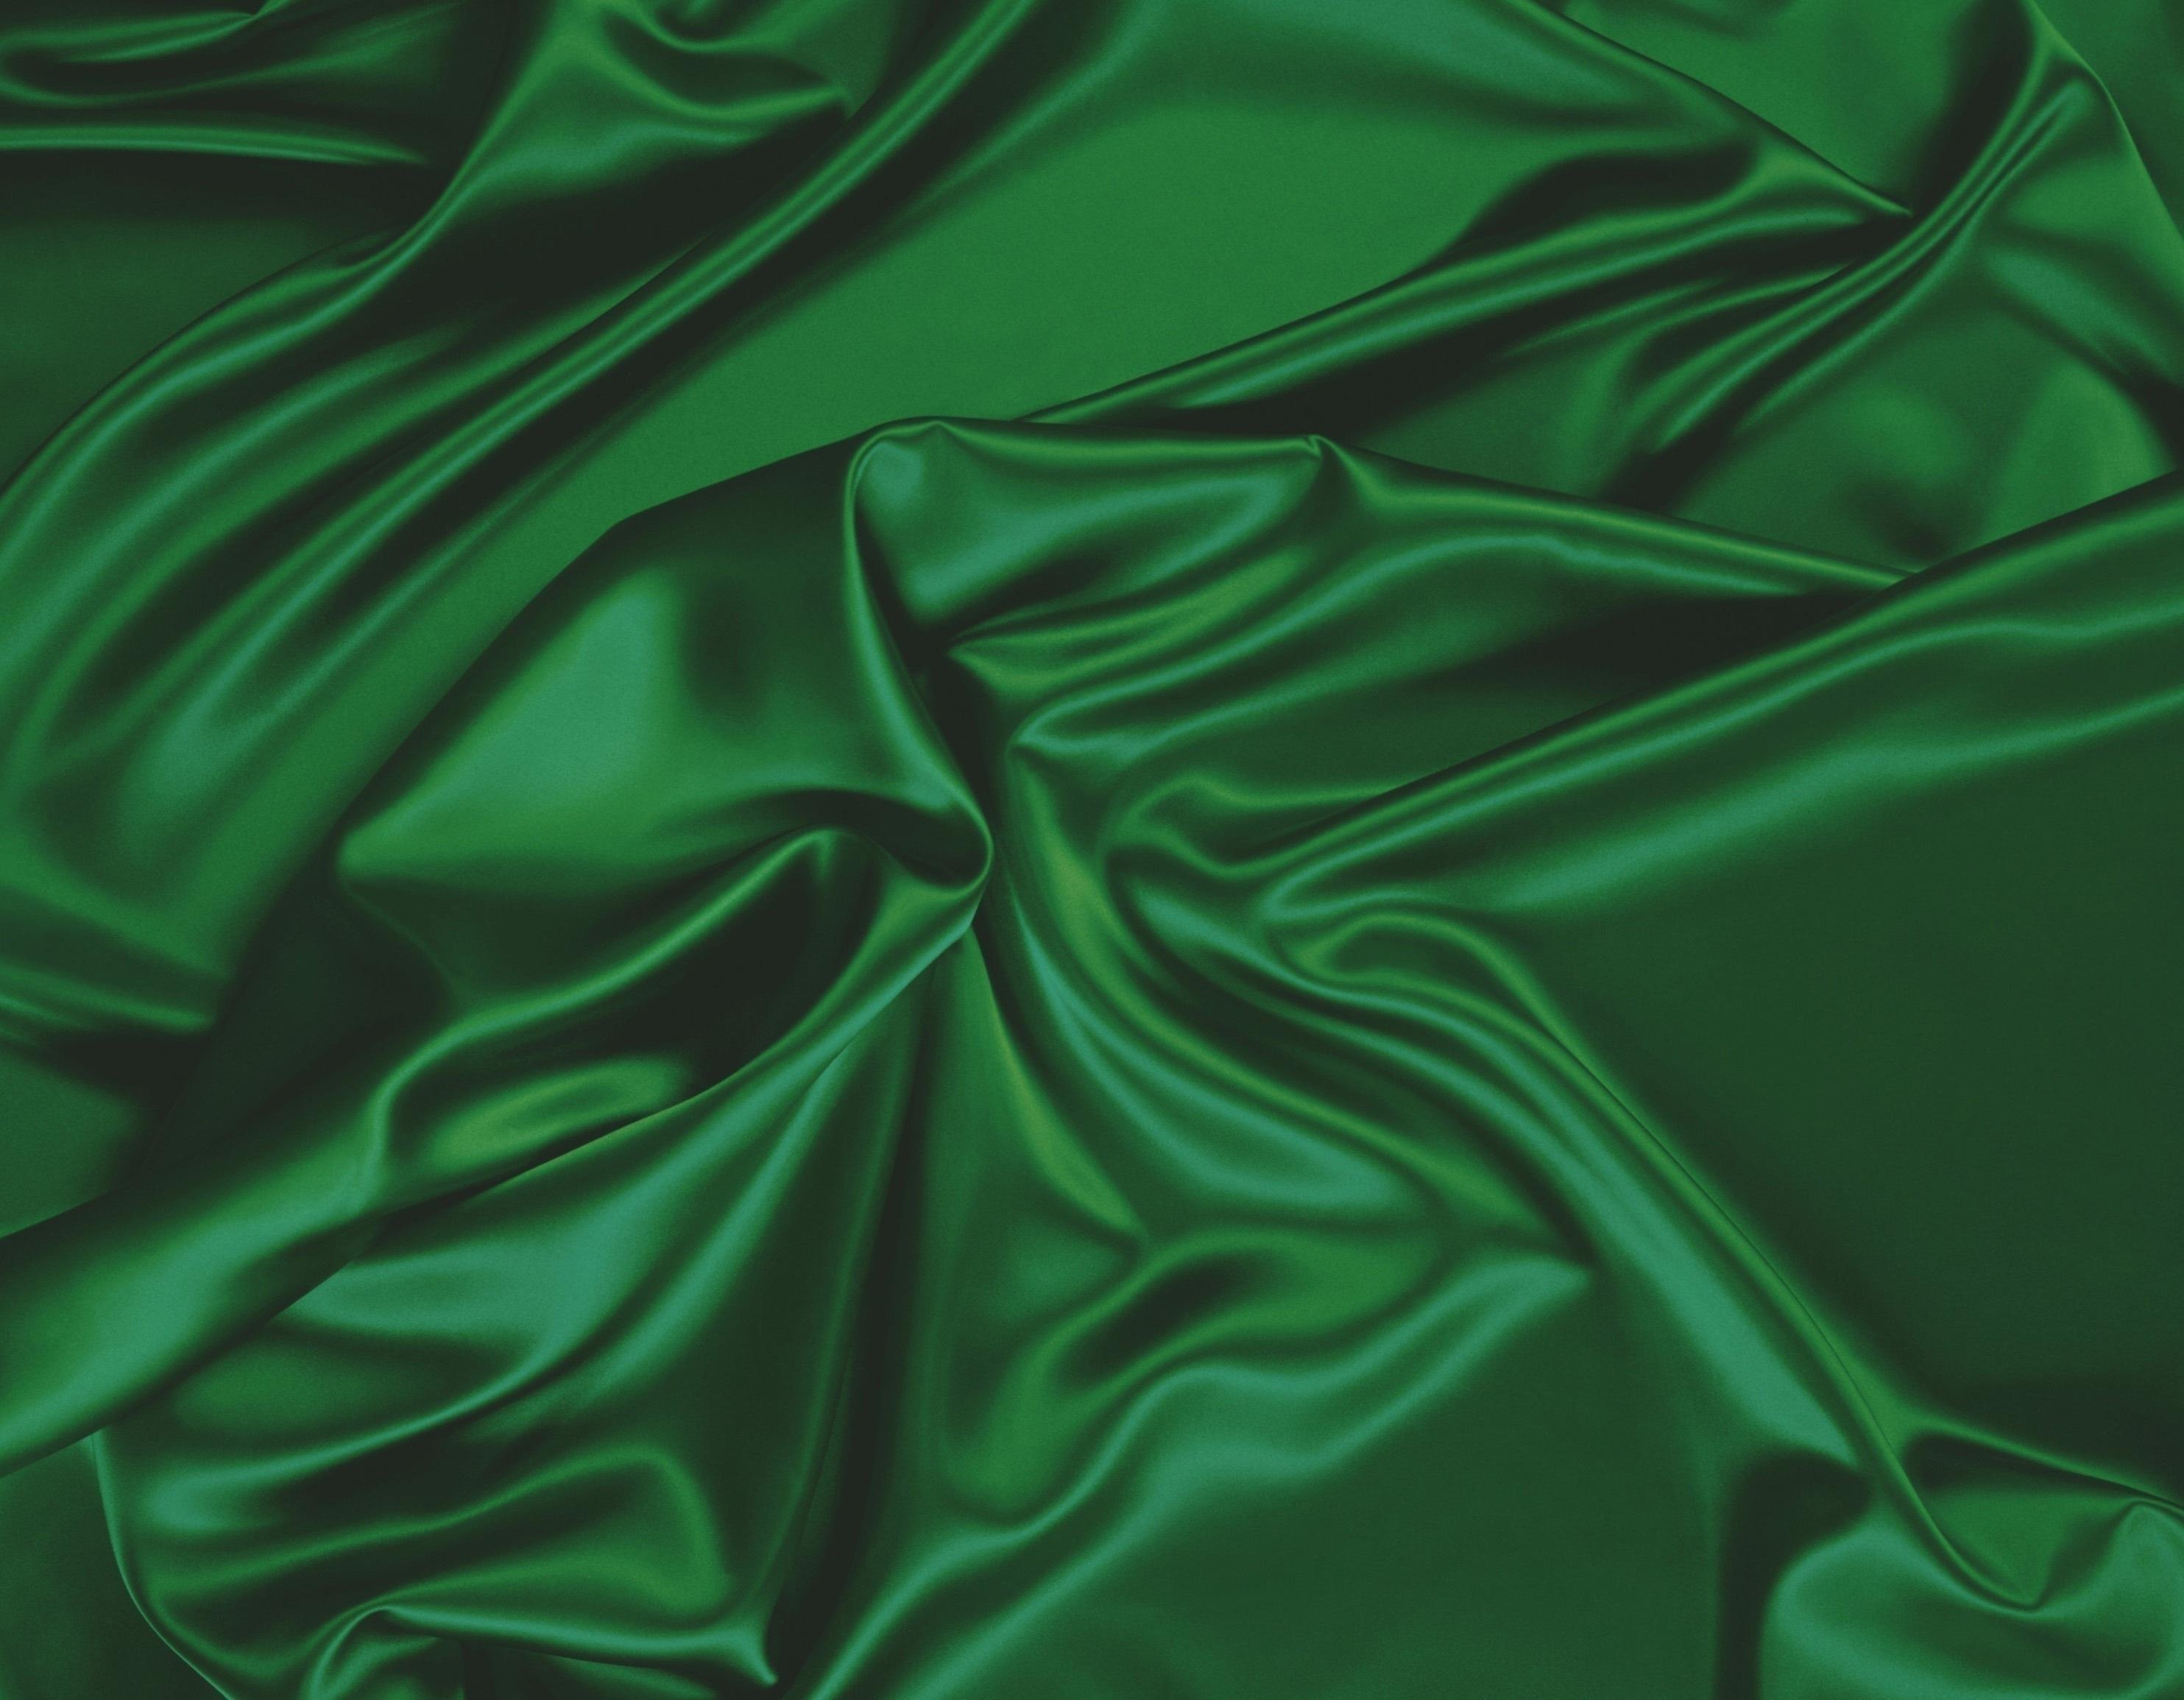 Картинка: мятая ткань, зеленый, текстура